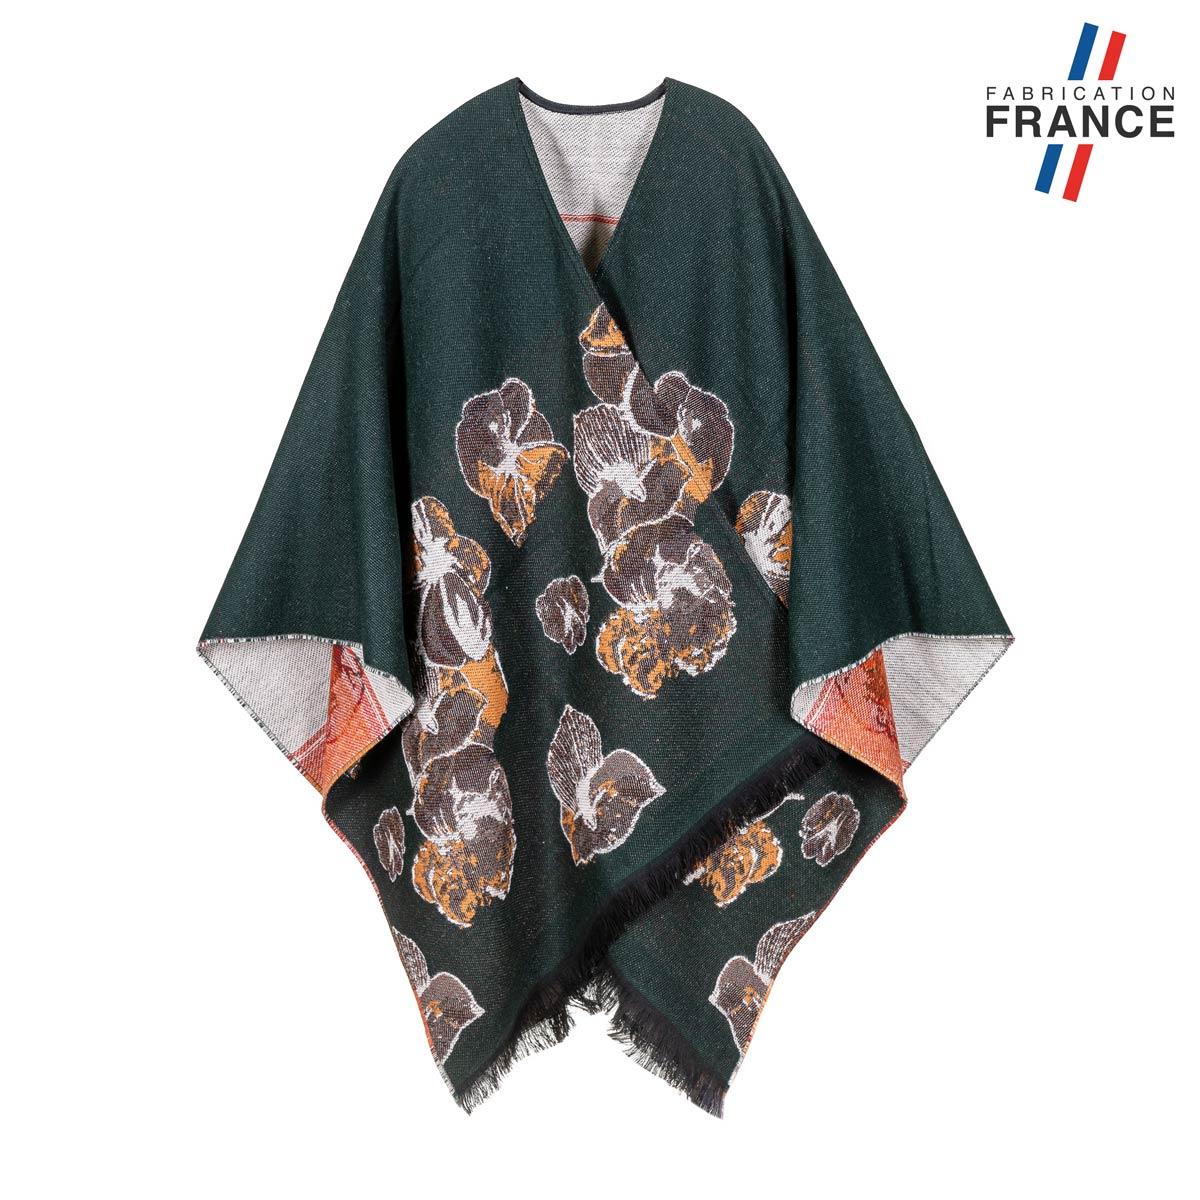 AT-06153-F12-LB_FR-poncho-femme-vert-anglais-fabrique-en-france